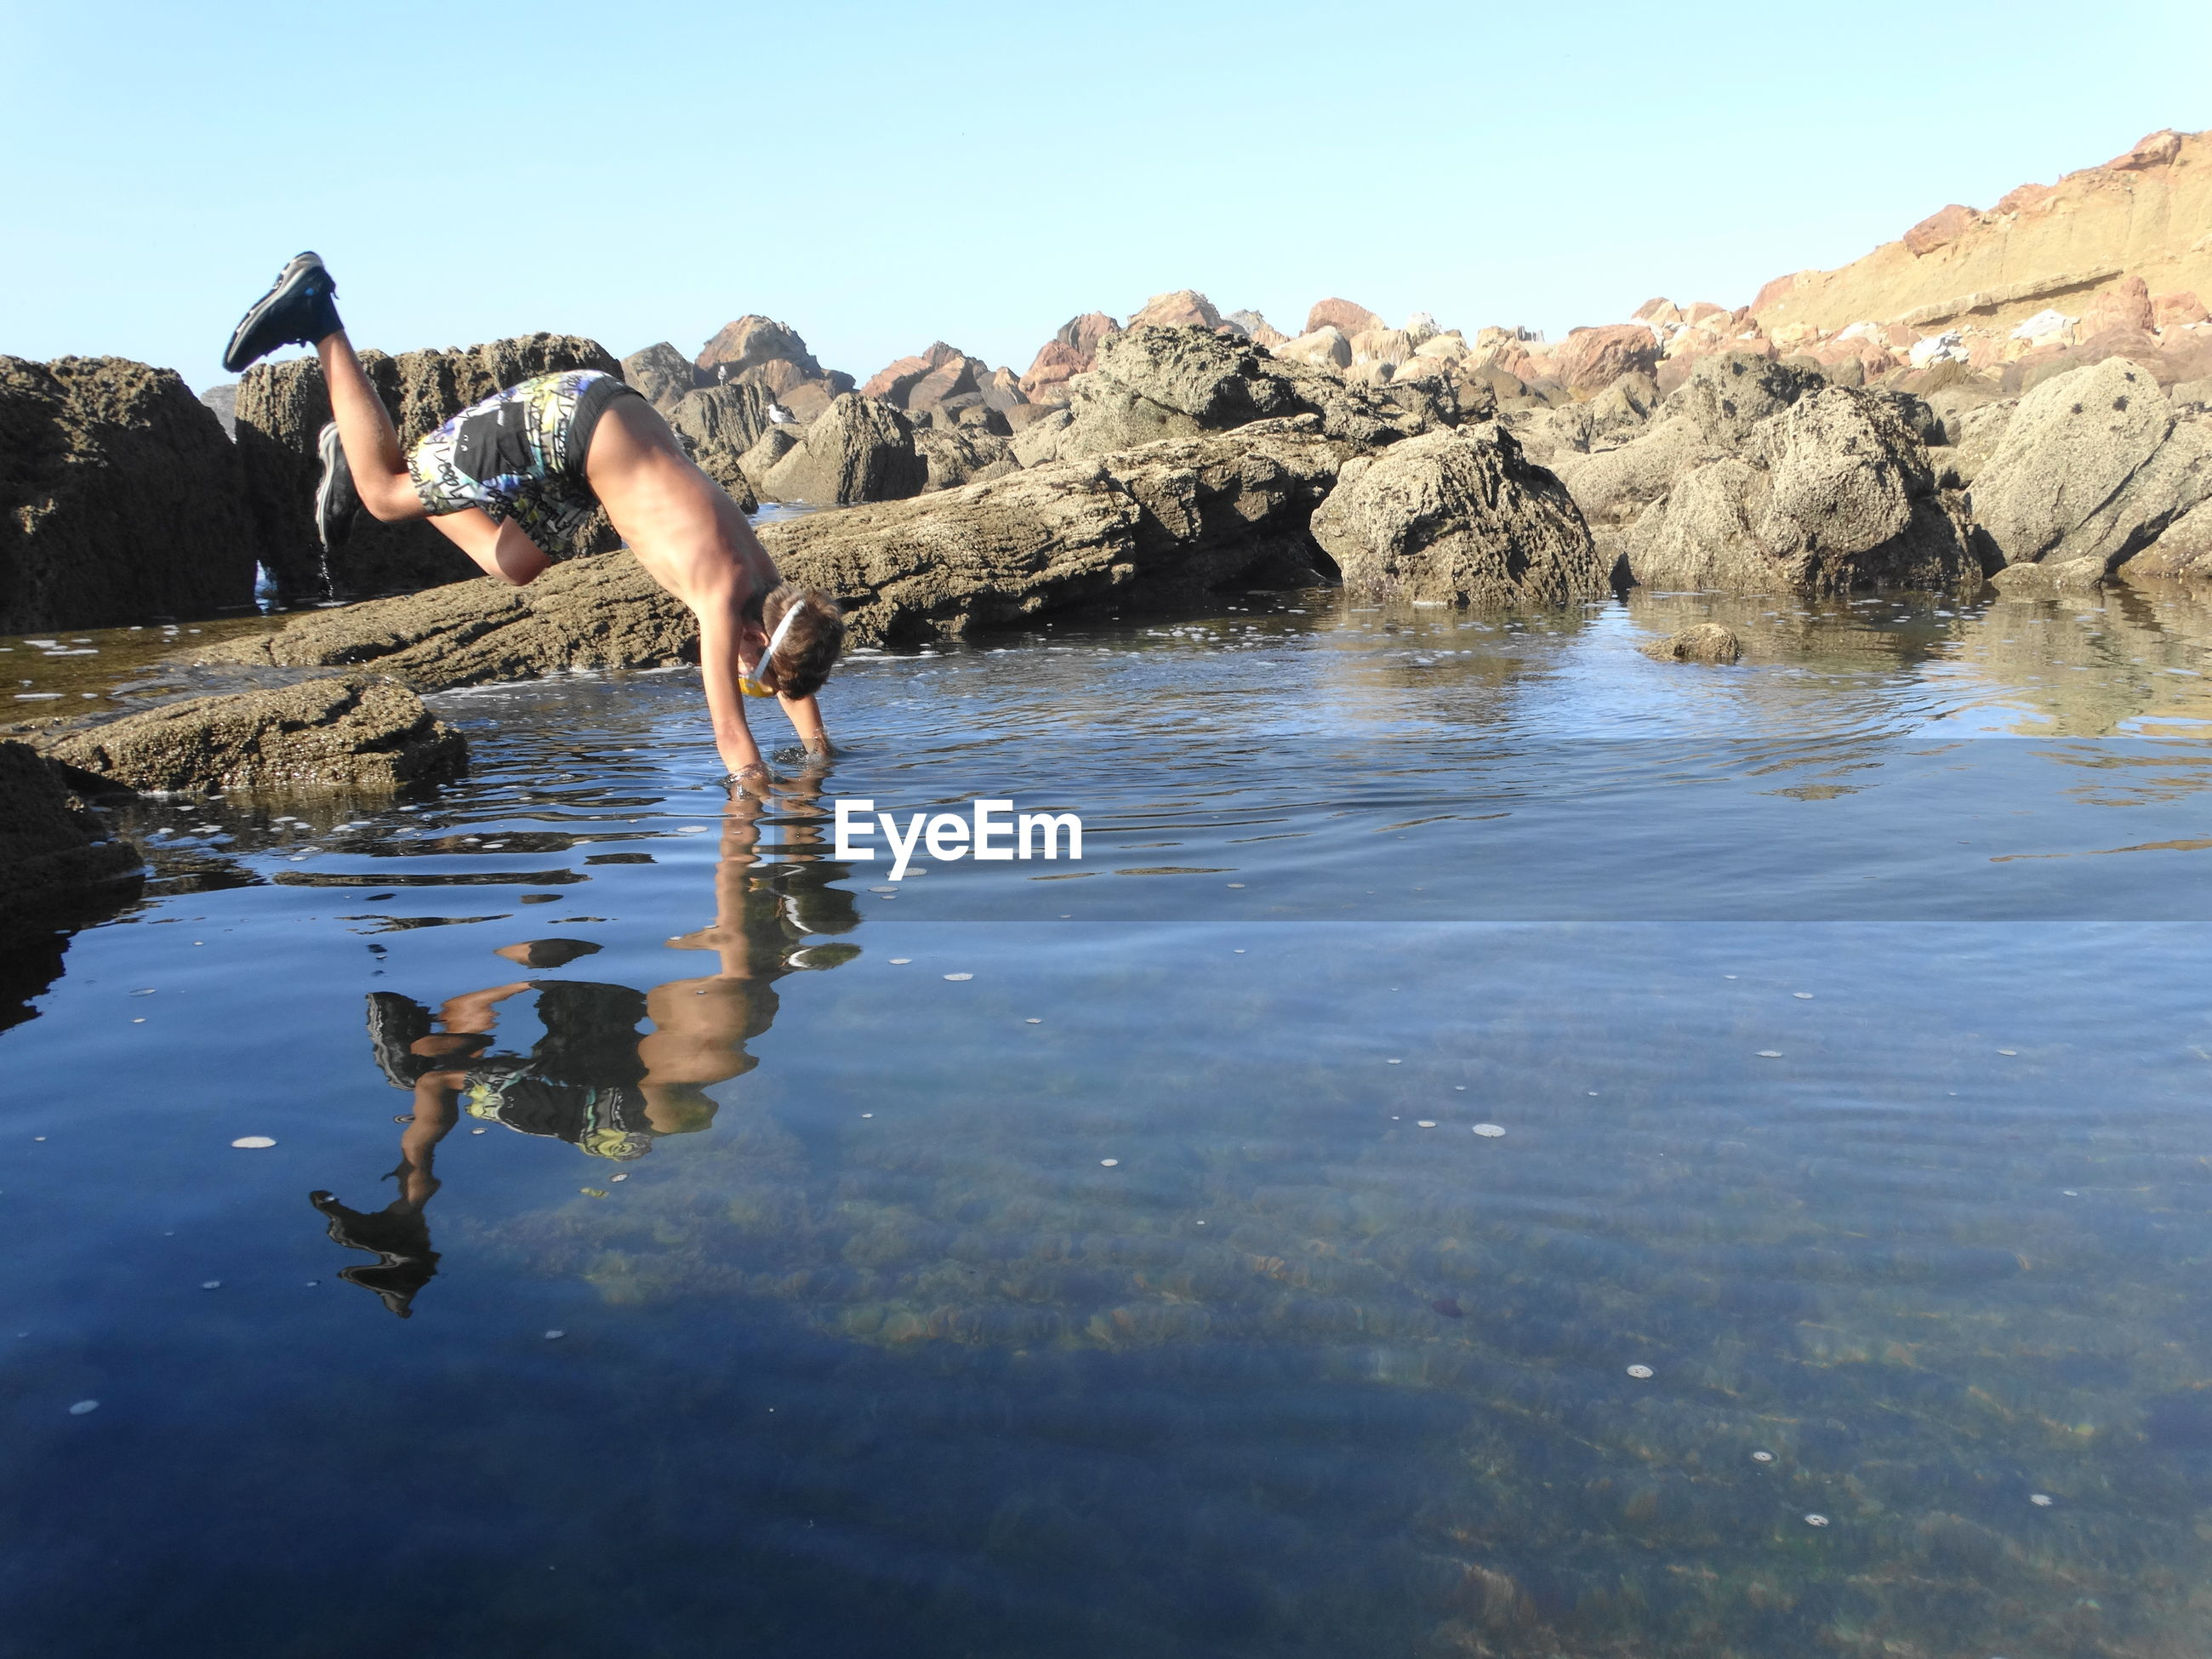 Shirtless boy diving in lake